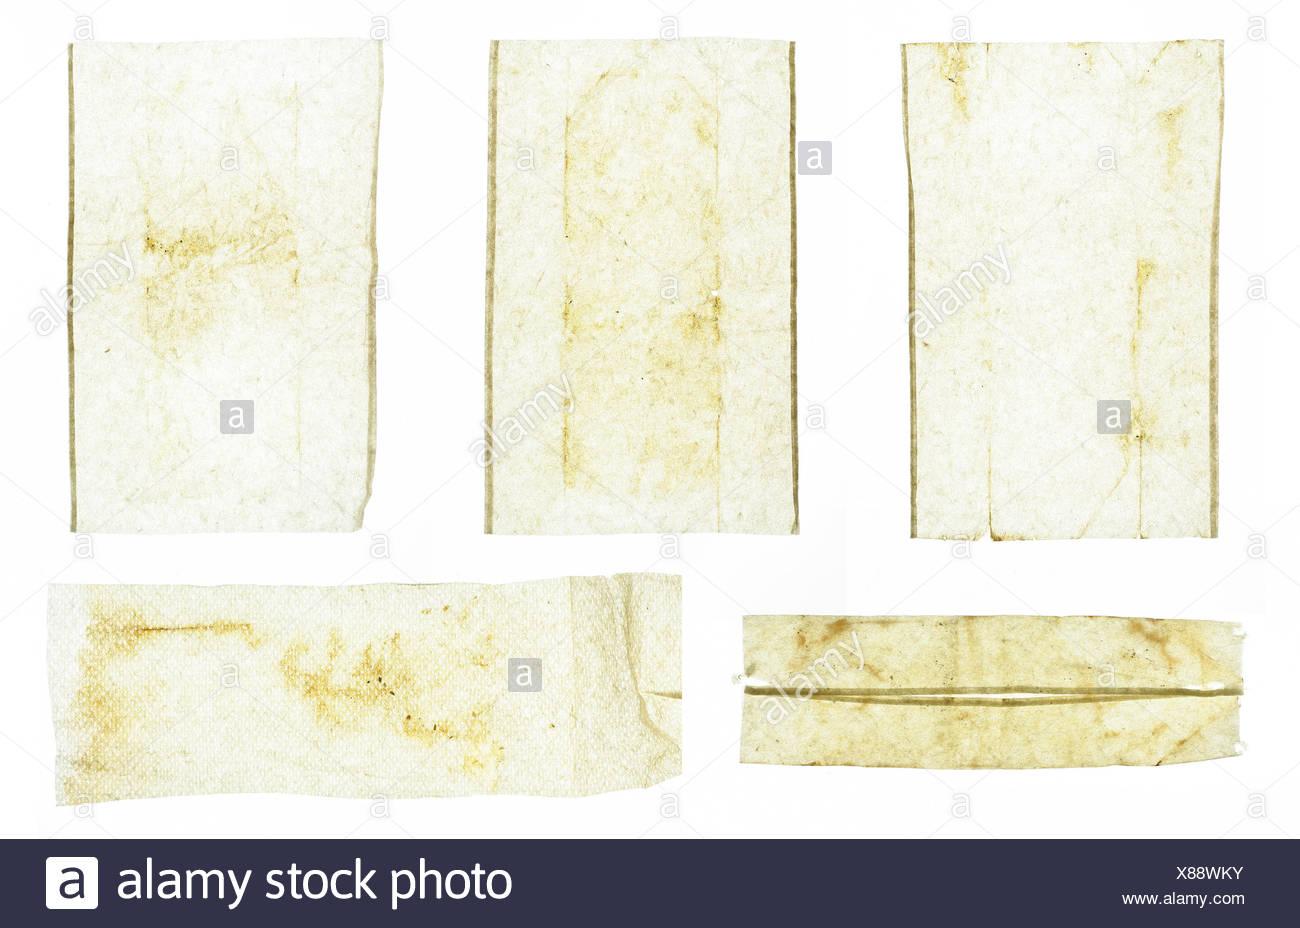 dirt mud analogous structures tea bag texture brown brownish